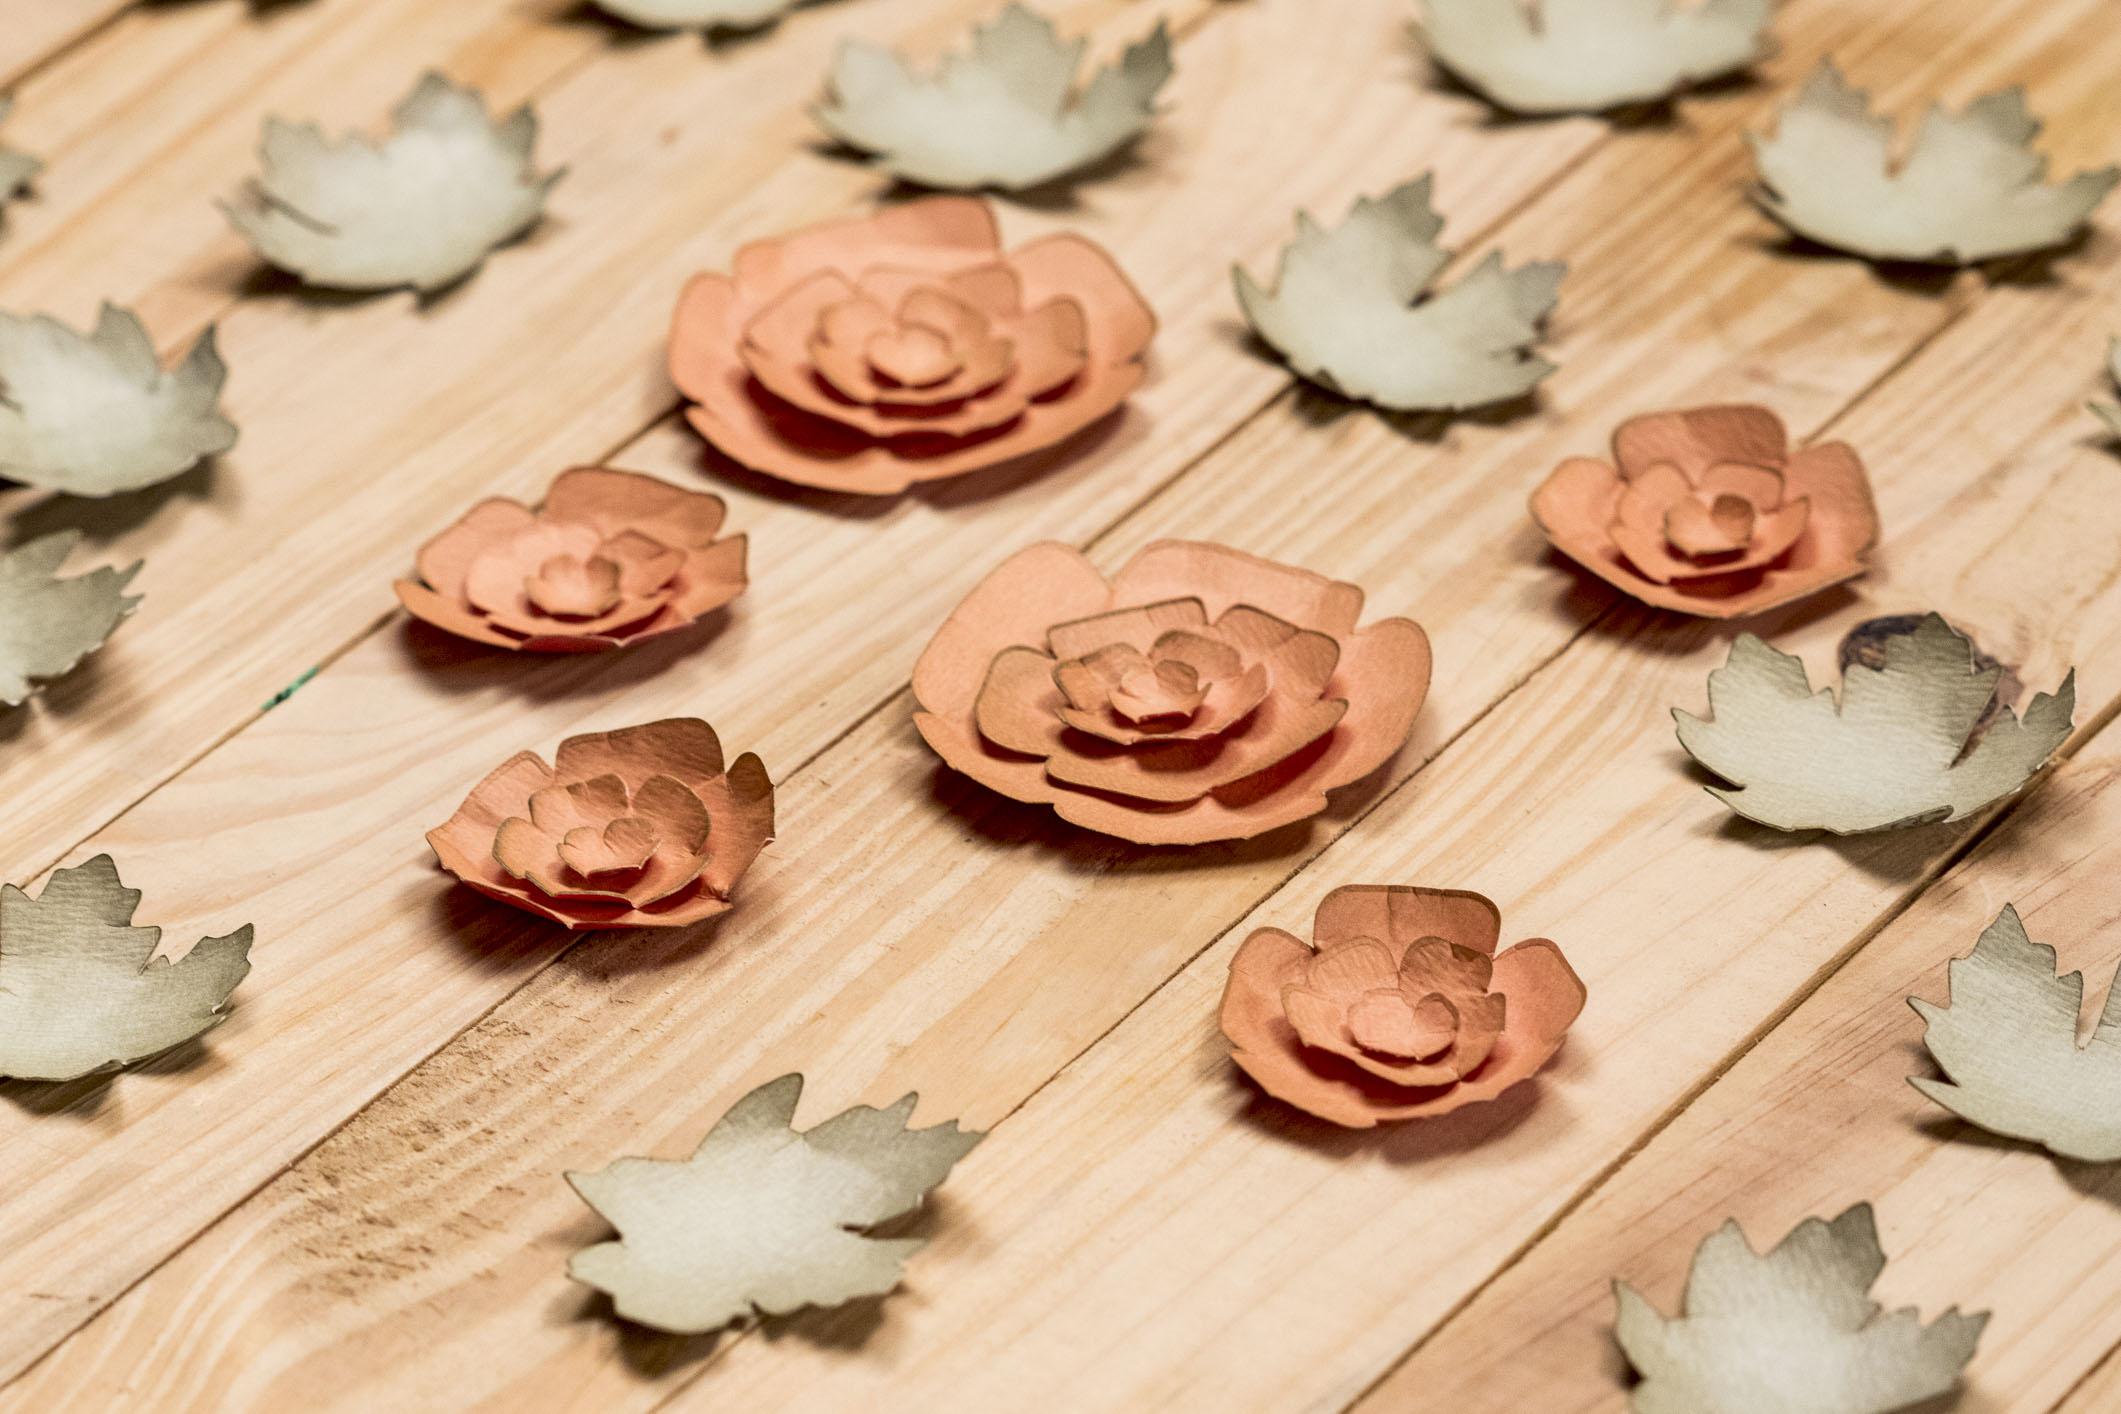 Flores em papel: versatilidade para serem empregadas em diferentes peças